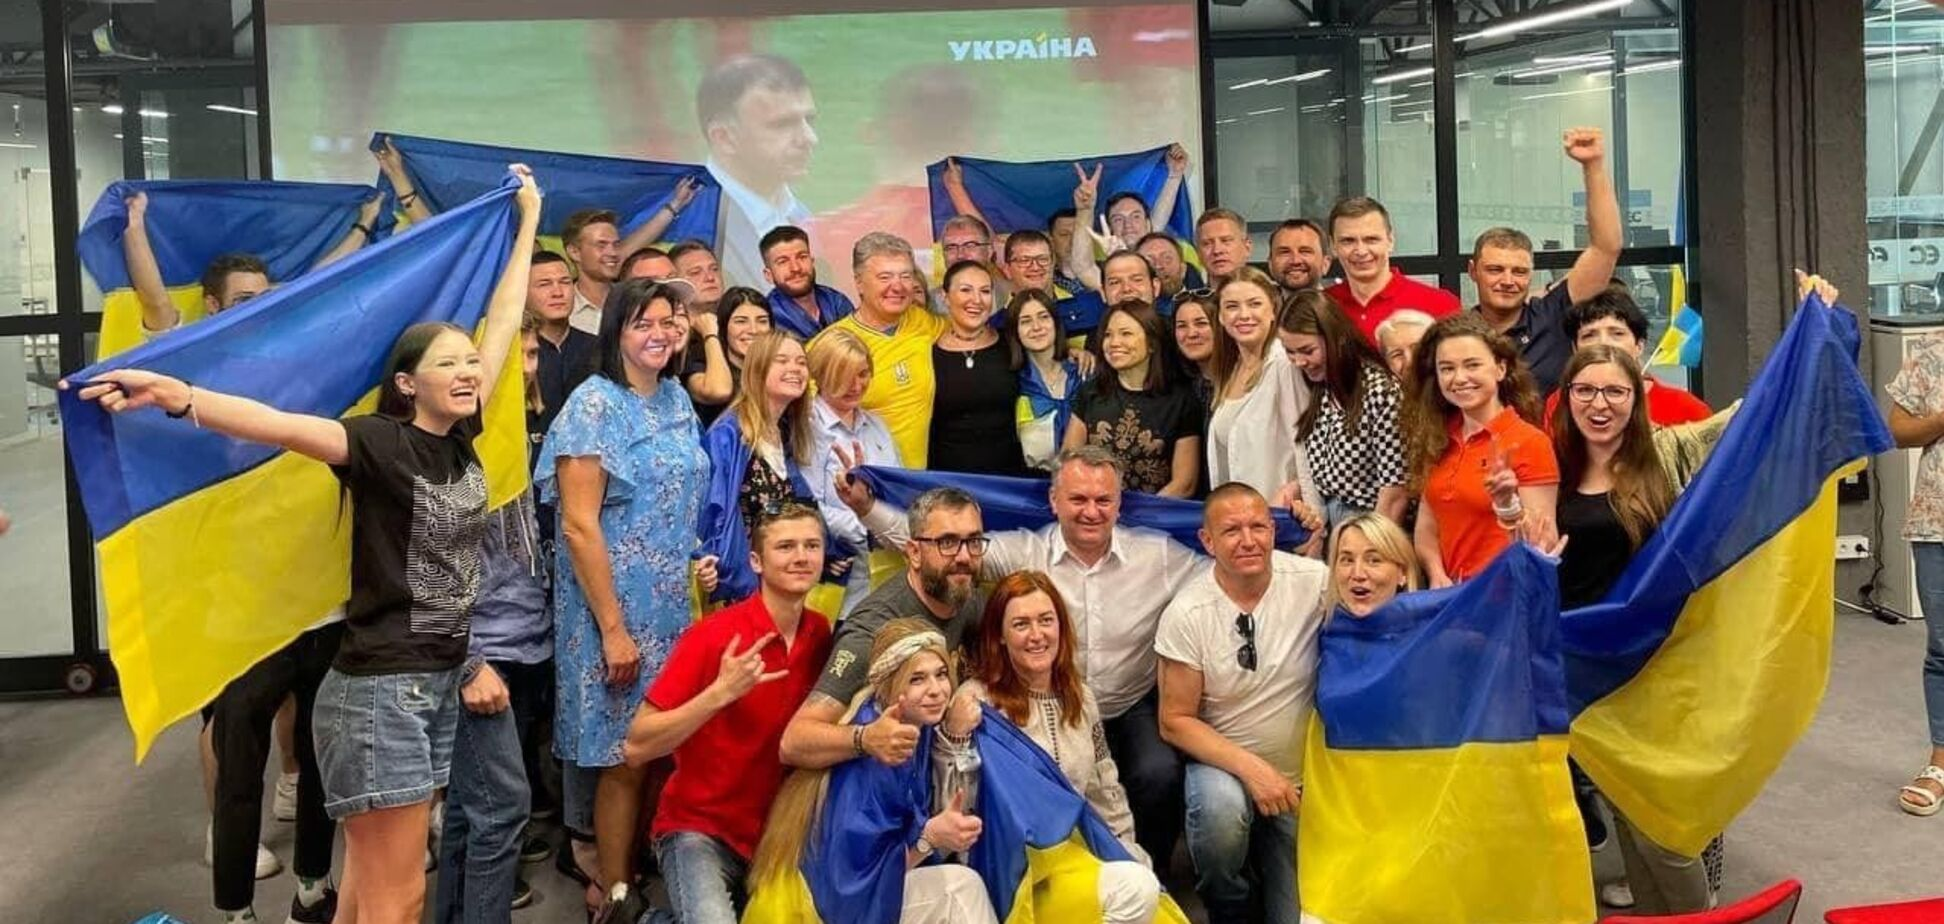 Порошенко показал, как 'ЕС' болеет за сборную Украины на Евро-2020. Видео